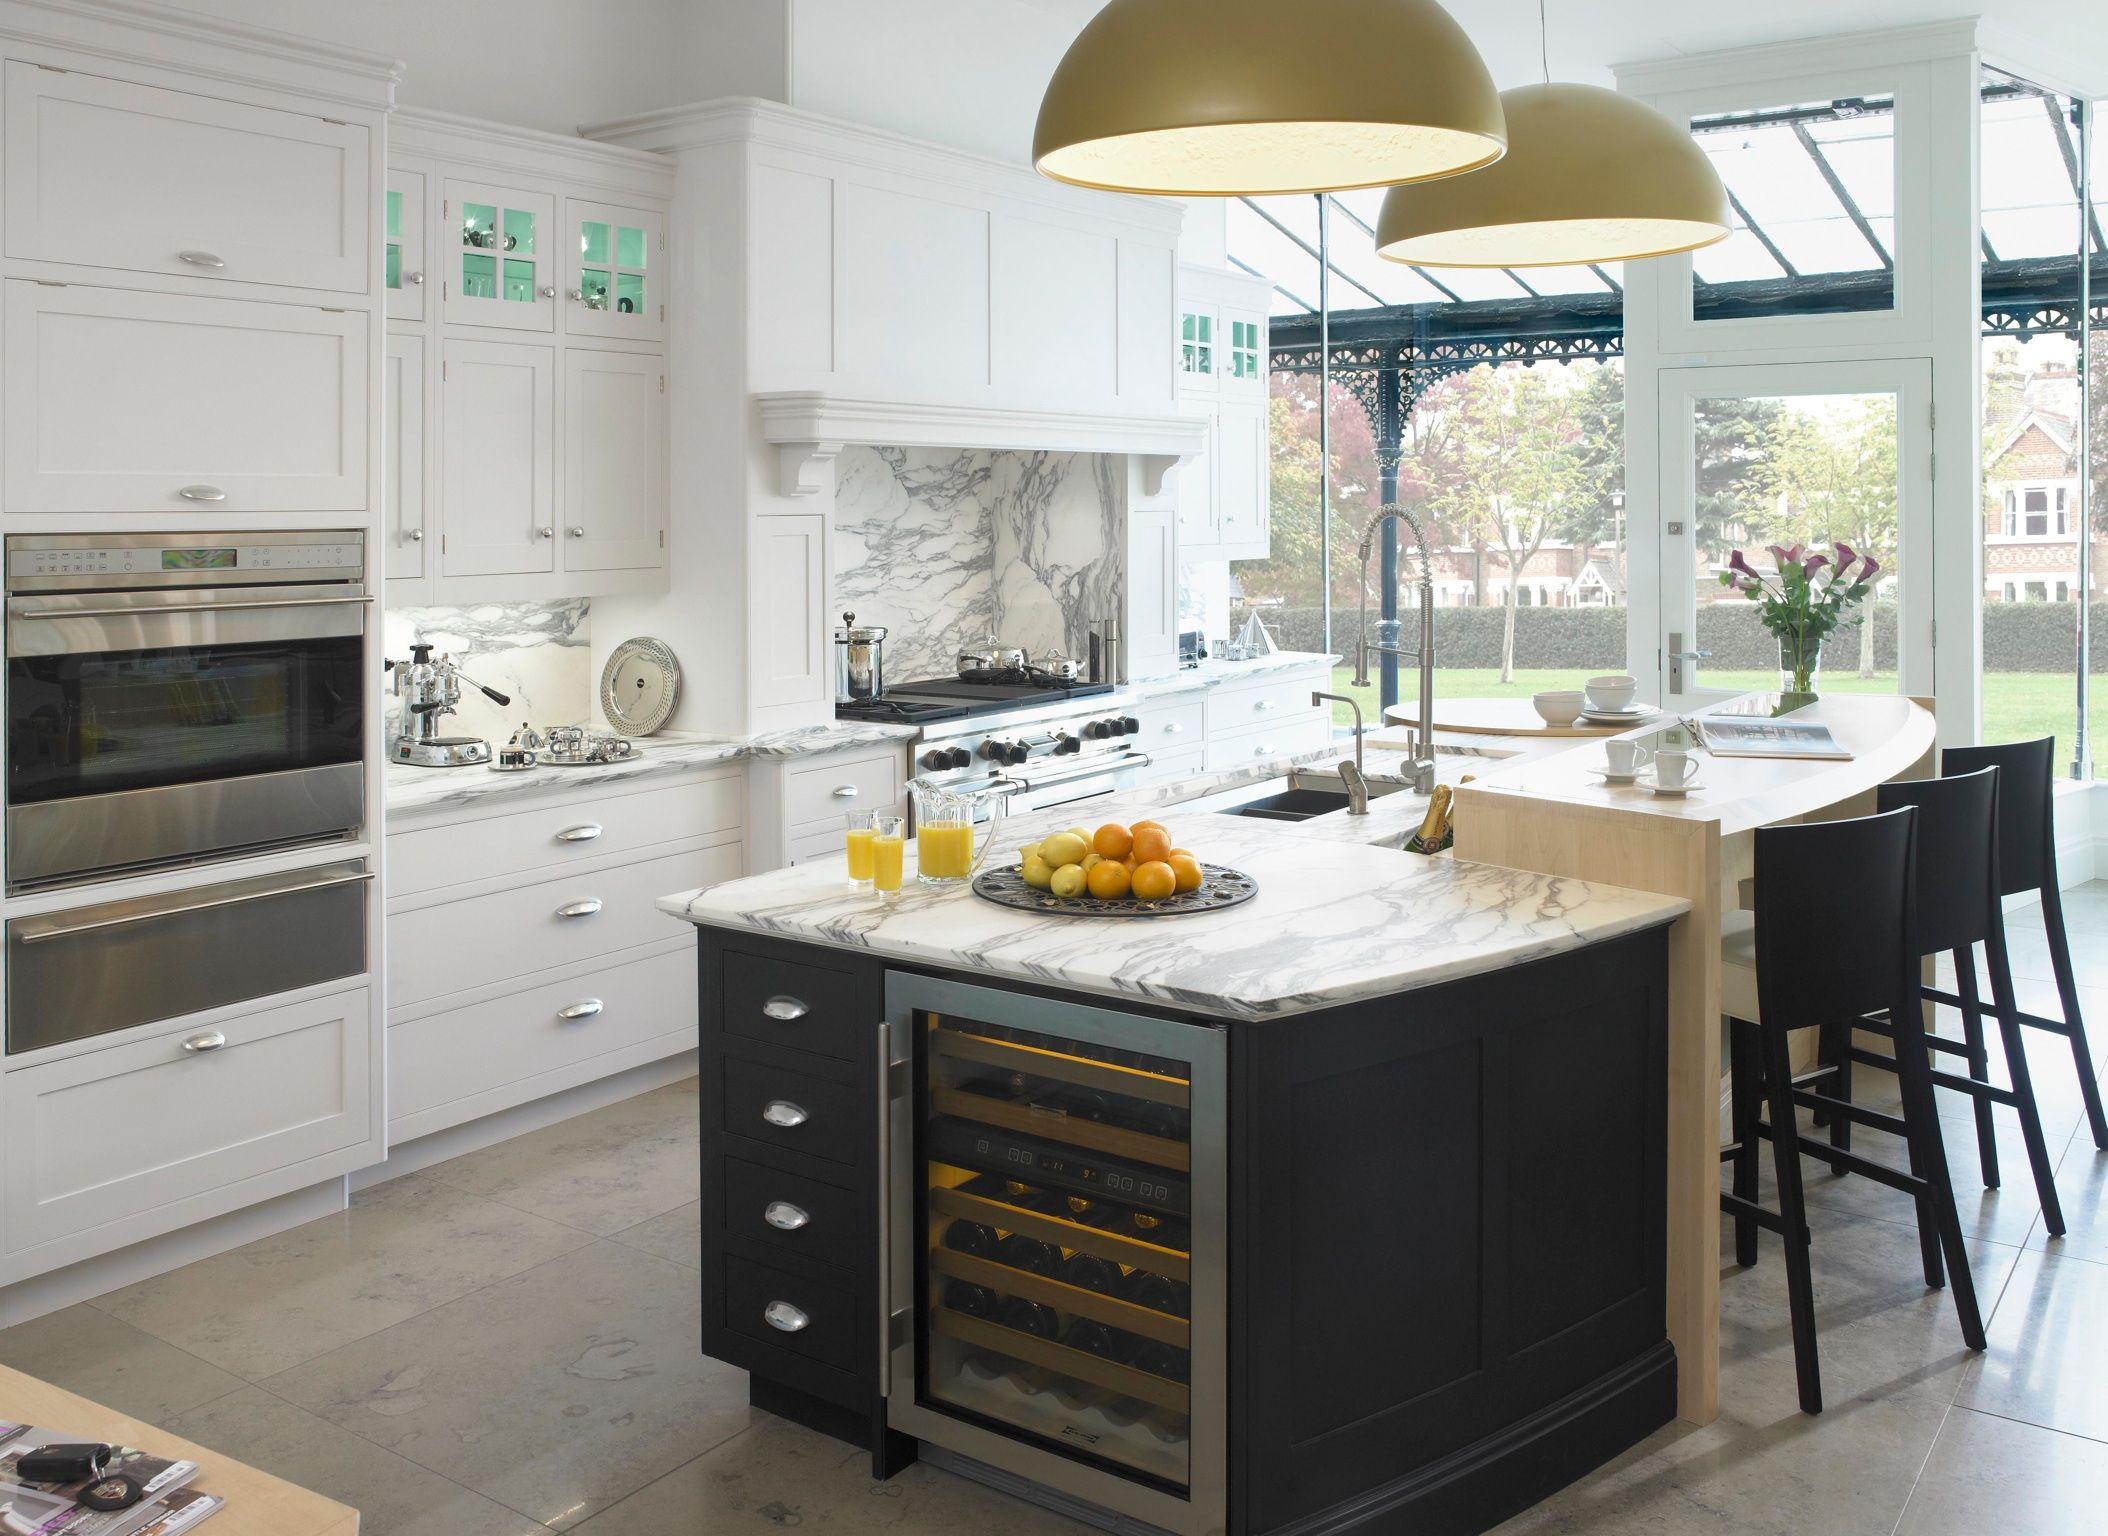 Painted kitchen - Hampton